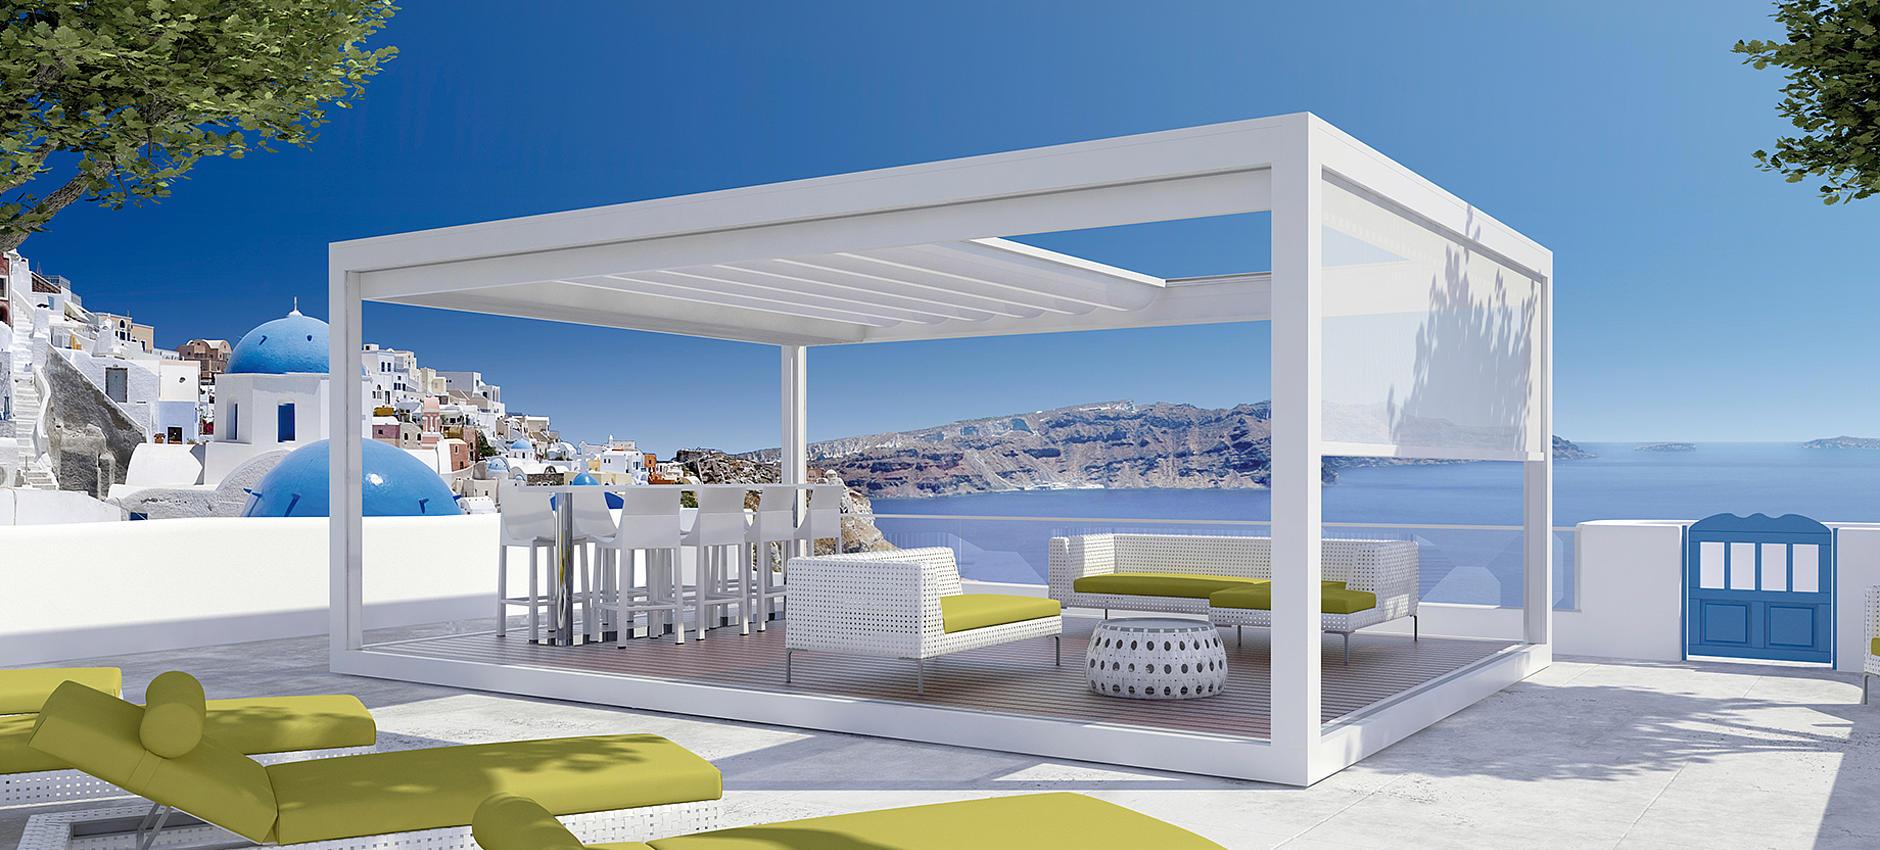 MELANO TP7100 großflächiger Pavillon mit vielfältigen Einsatzbereichen